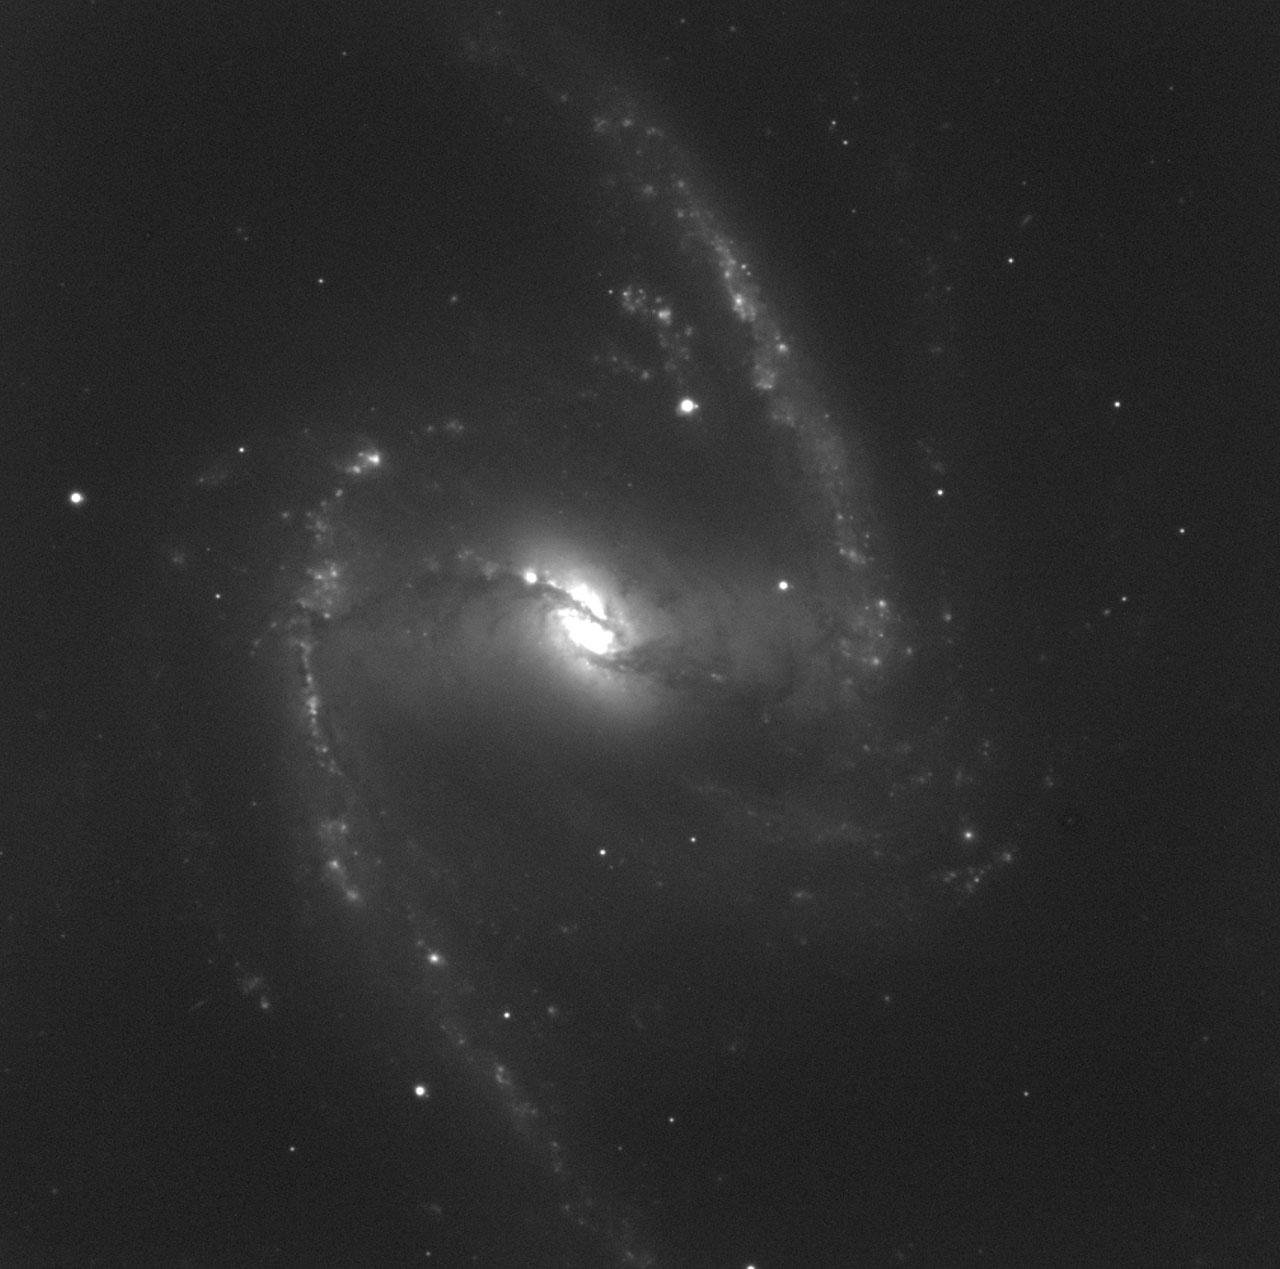 NGC 1365 - H-alpha